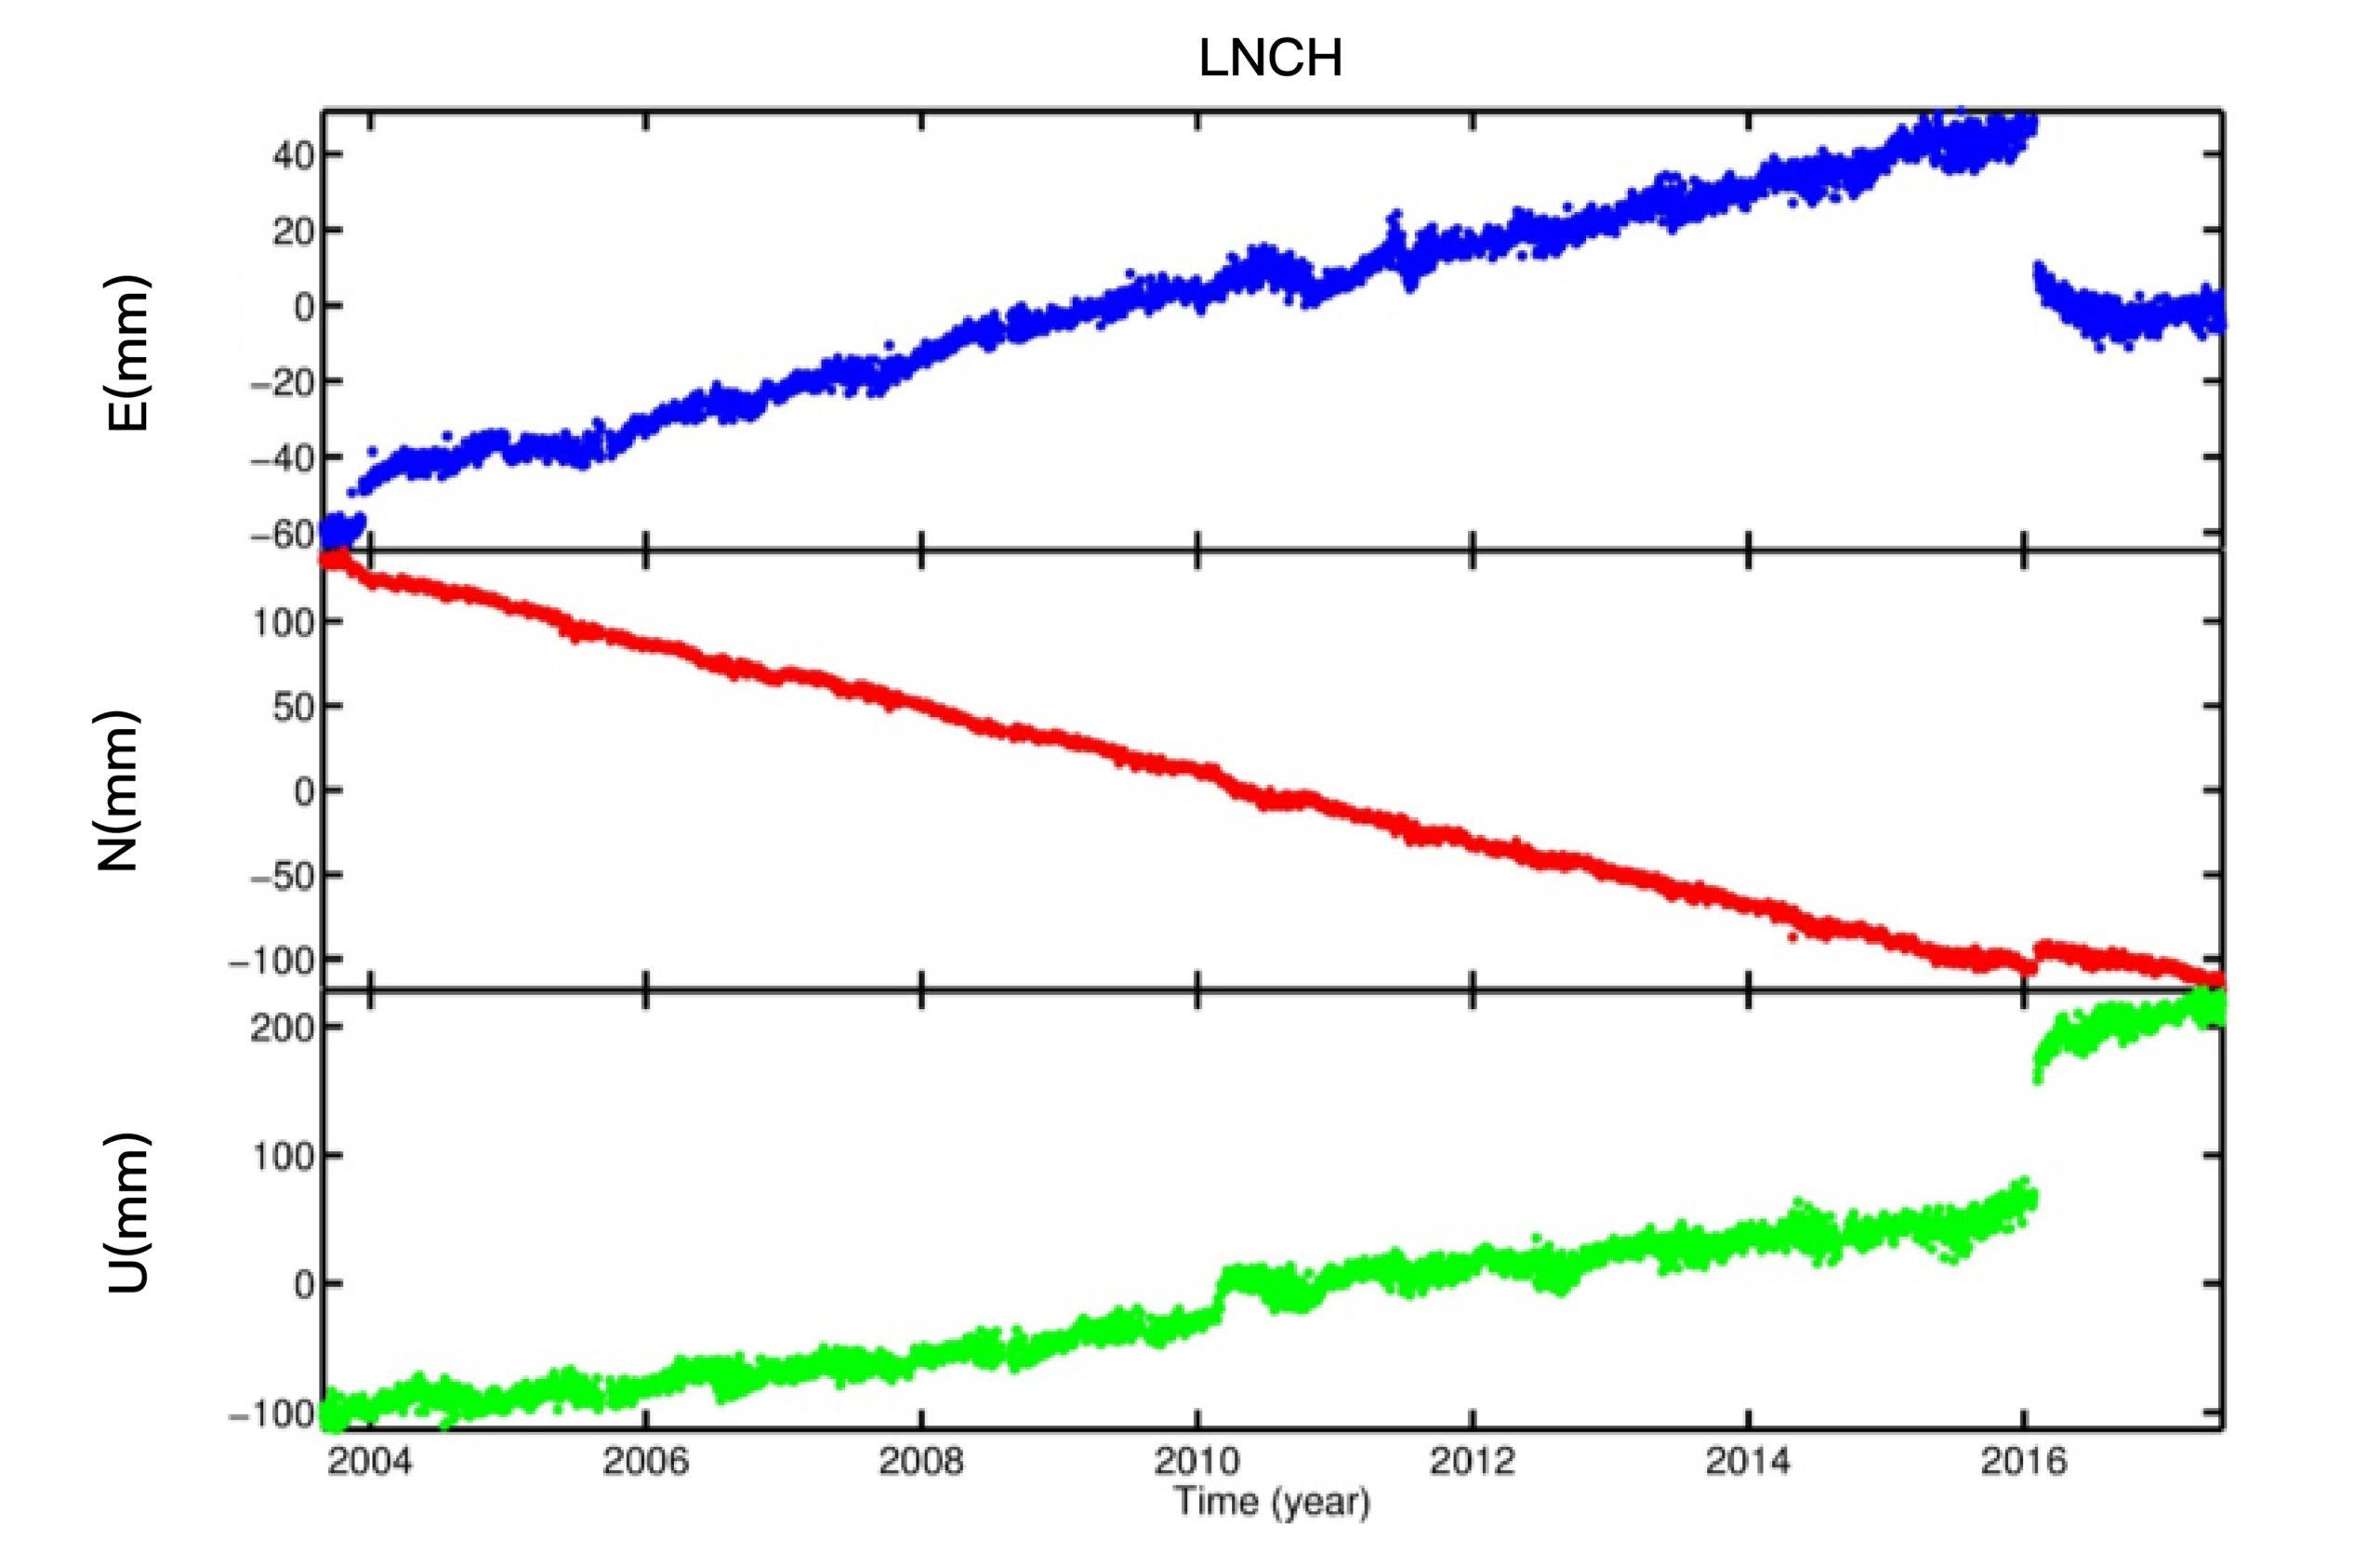 GPS 測站的座標時間序列。縱軸的 U 為垂直分量、 N 為南北分量、 E 為東西分量。線條錯開處為地震造成的不連續。圖│許雅儒提供